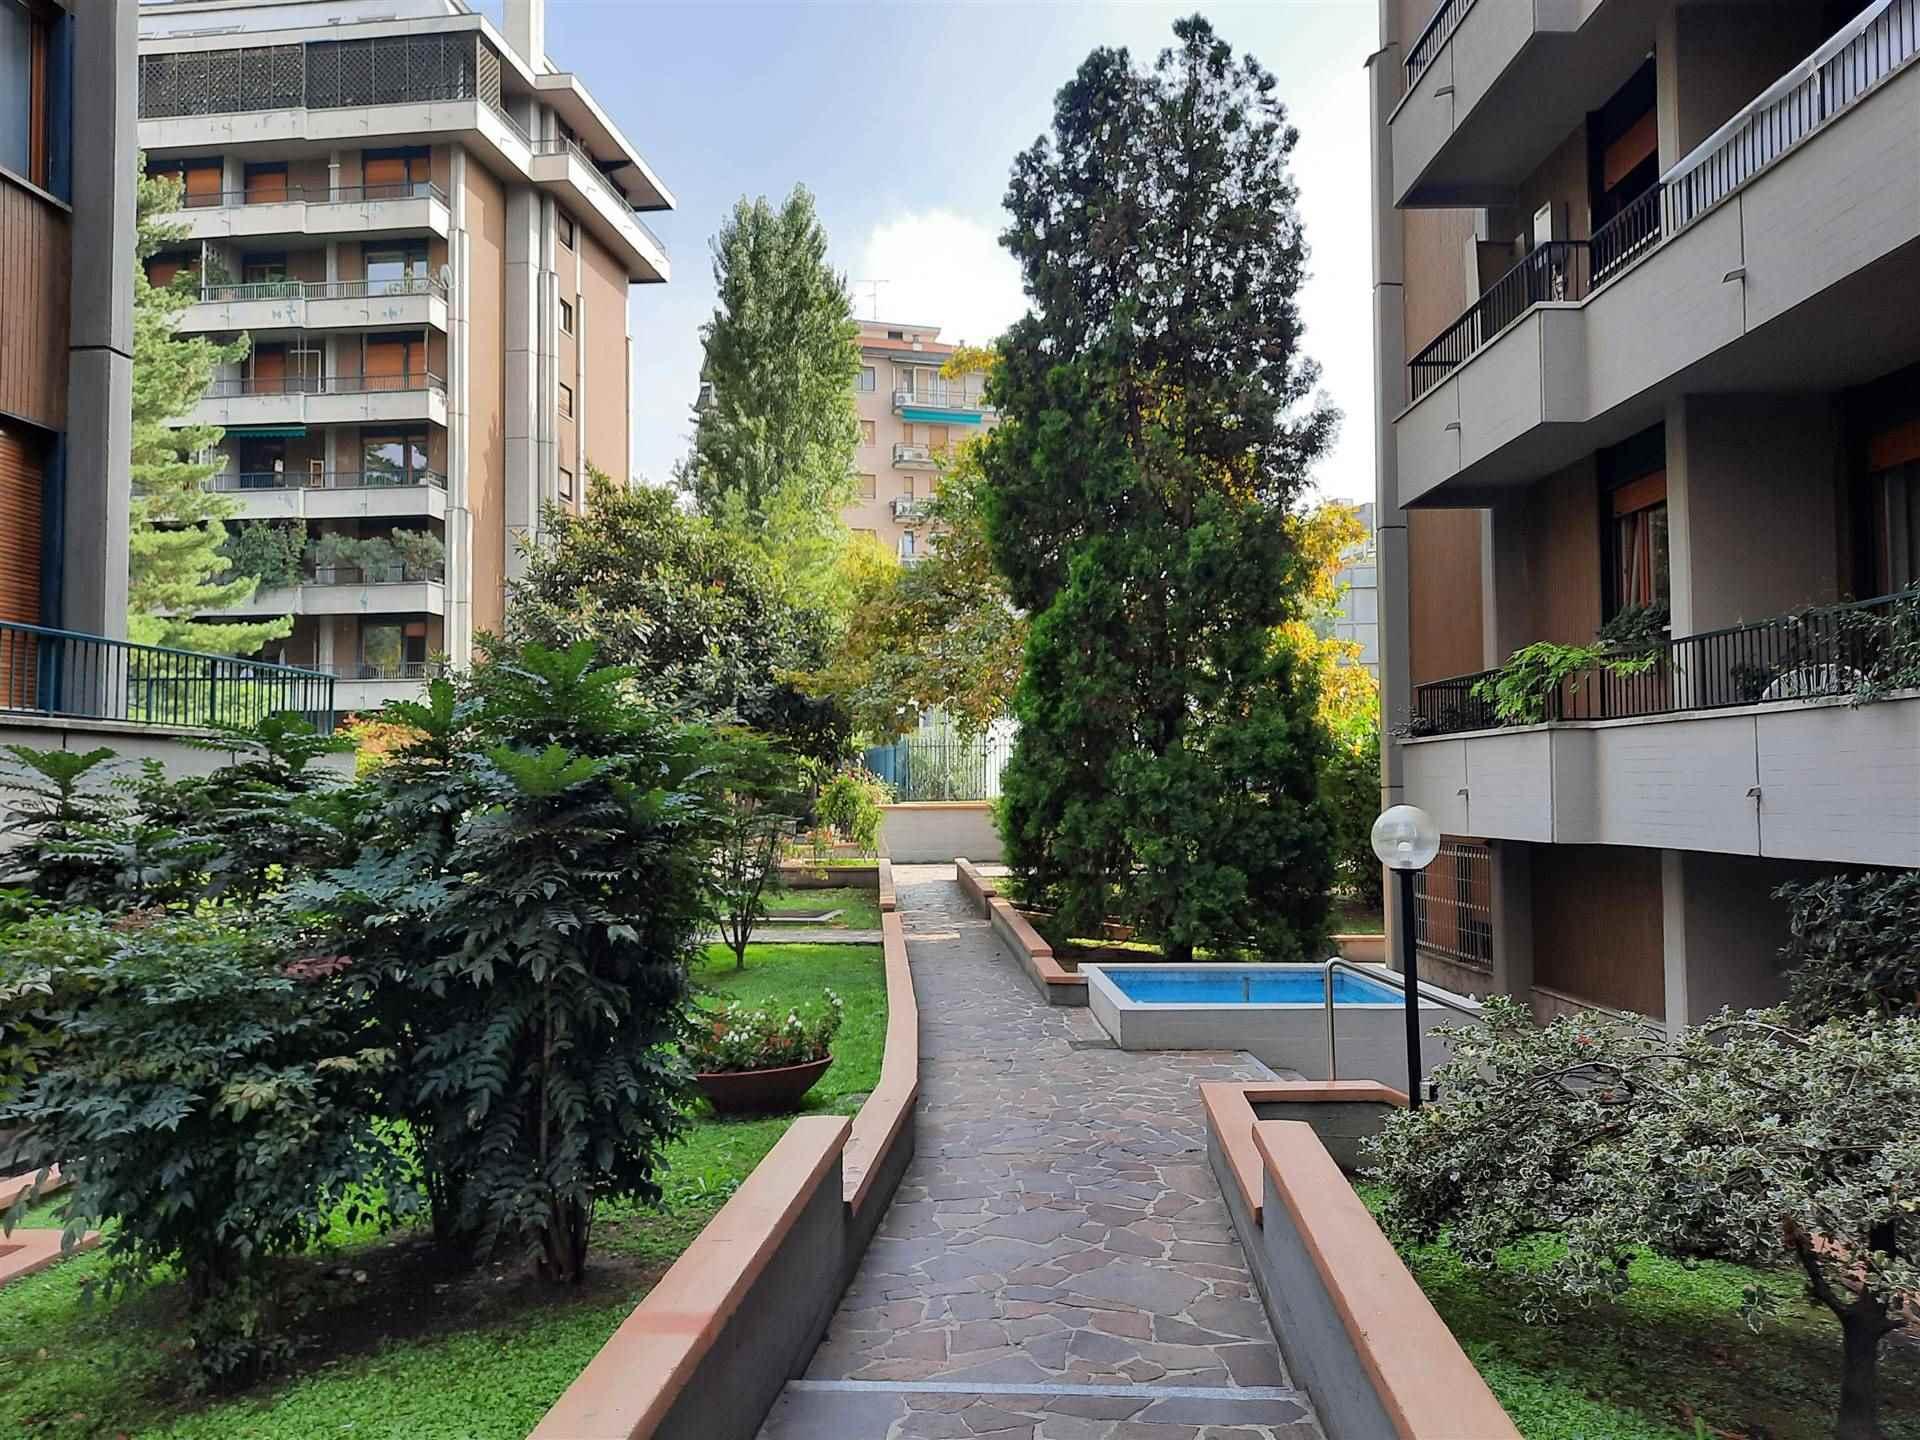 SAN SIRO/VIA CORNO DI CAVENTO Posizione: l'appartamento si inserisce in un pregevole quartiere residenziale di Milano, particolarmente apprezzato per